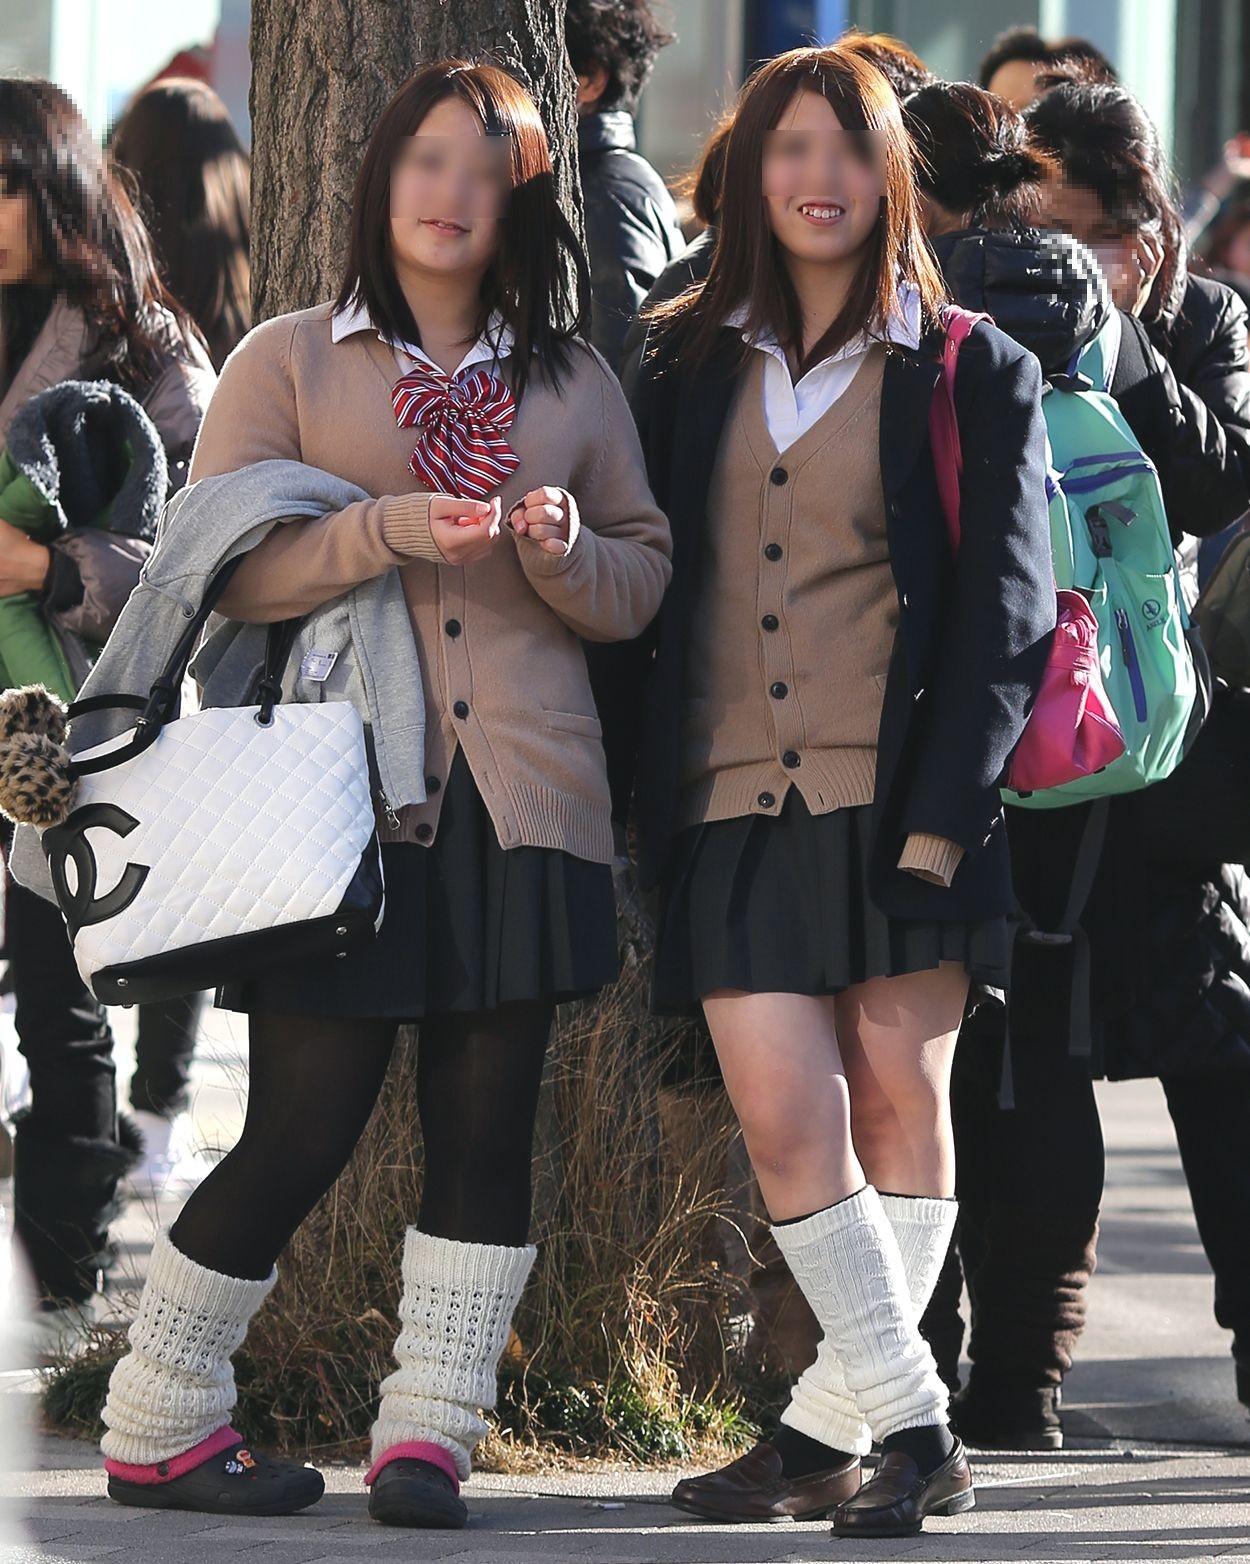 【街撮りJK画像】寒いので黒ストで包まれたJKムチムチ美脚で暖を取るwww 19